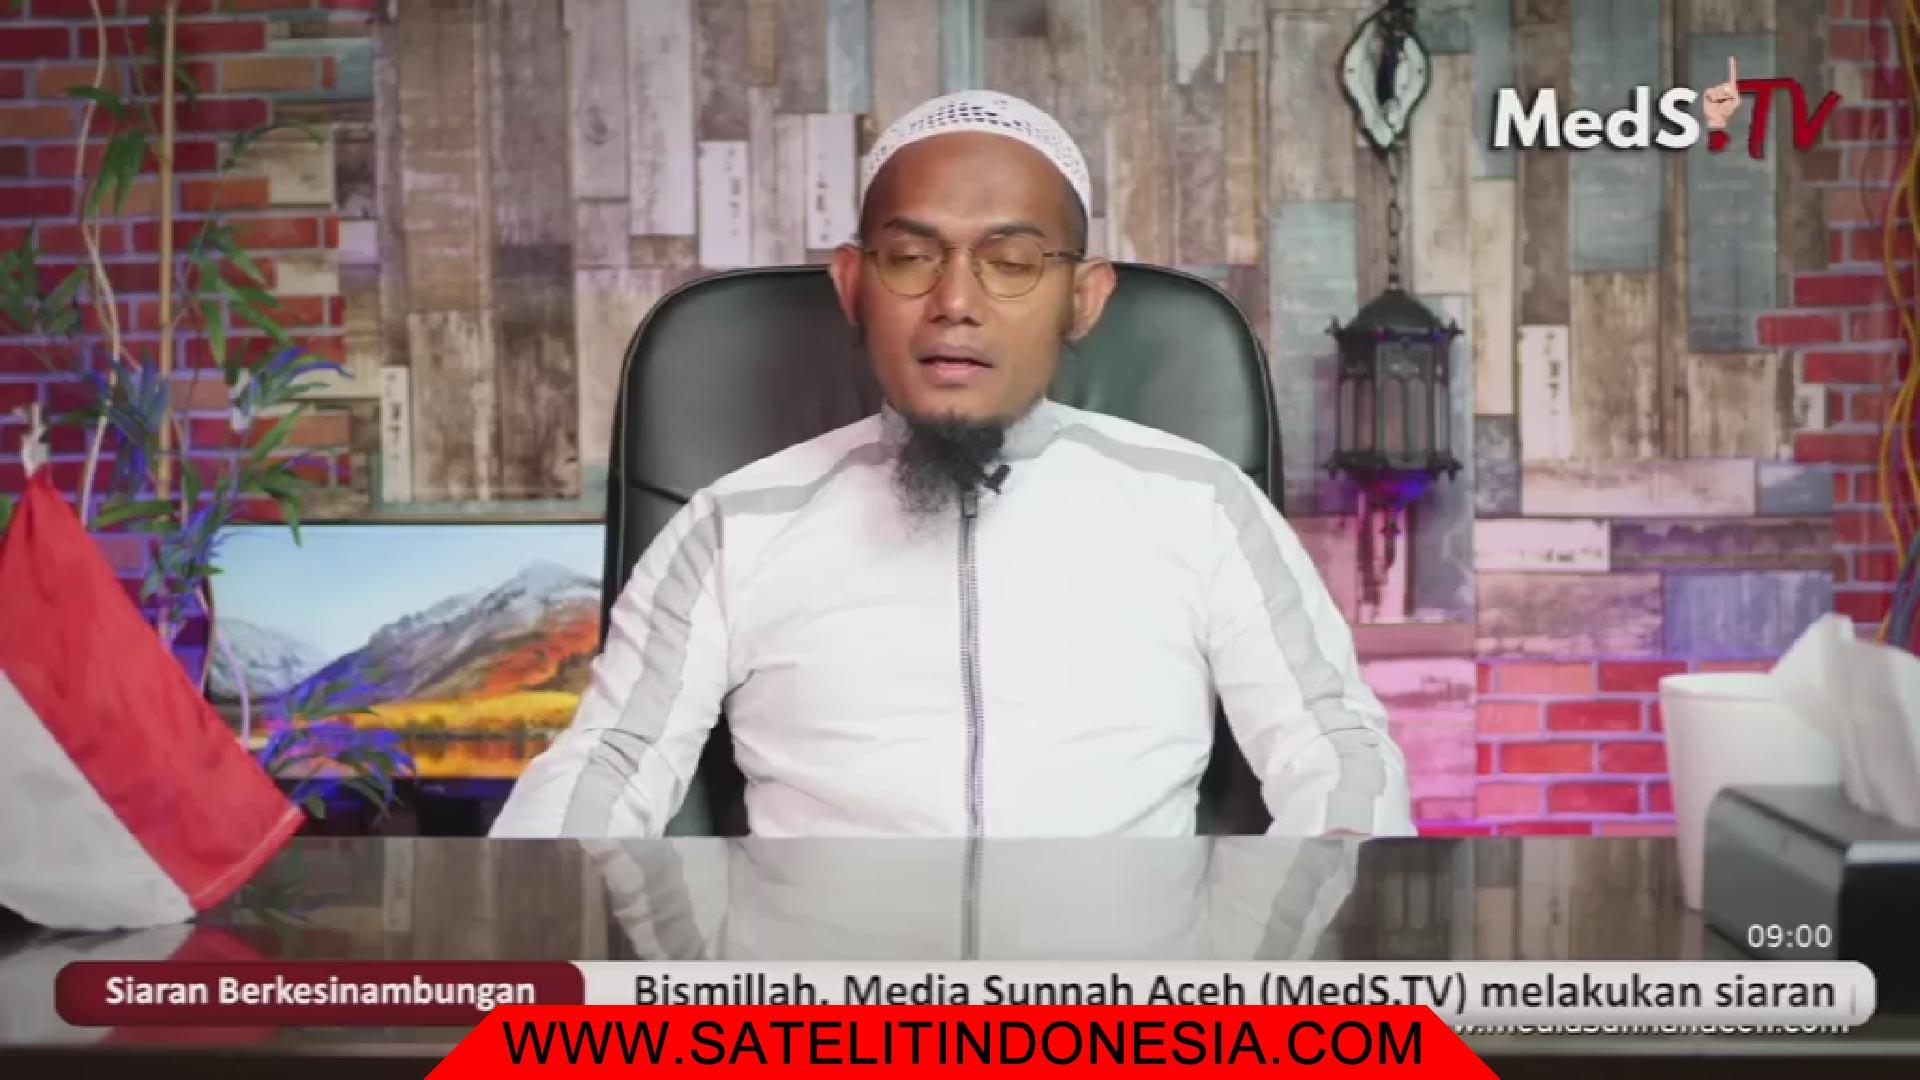 Frekuensi siaran Media Sunnah Aceh TV di satelit Telkom 4 Terbaru